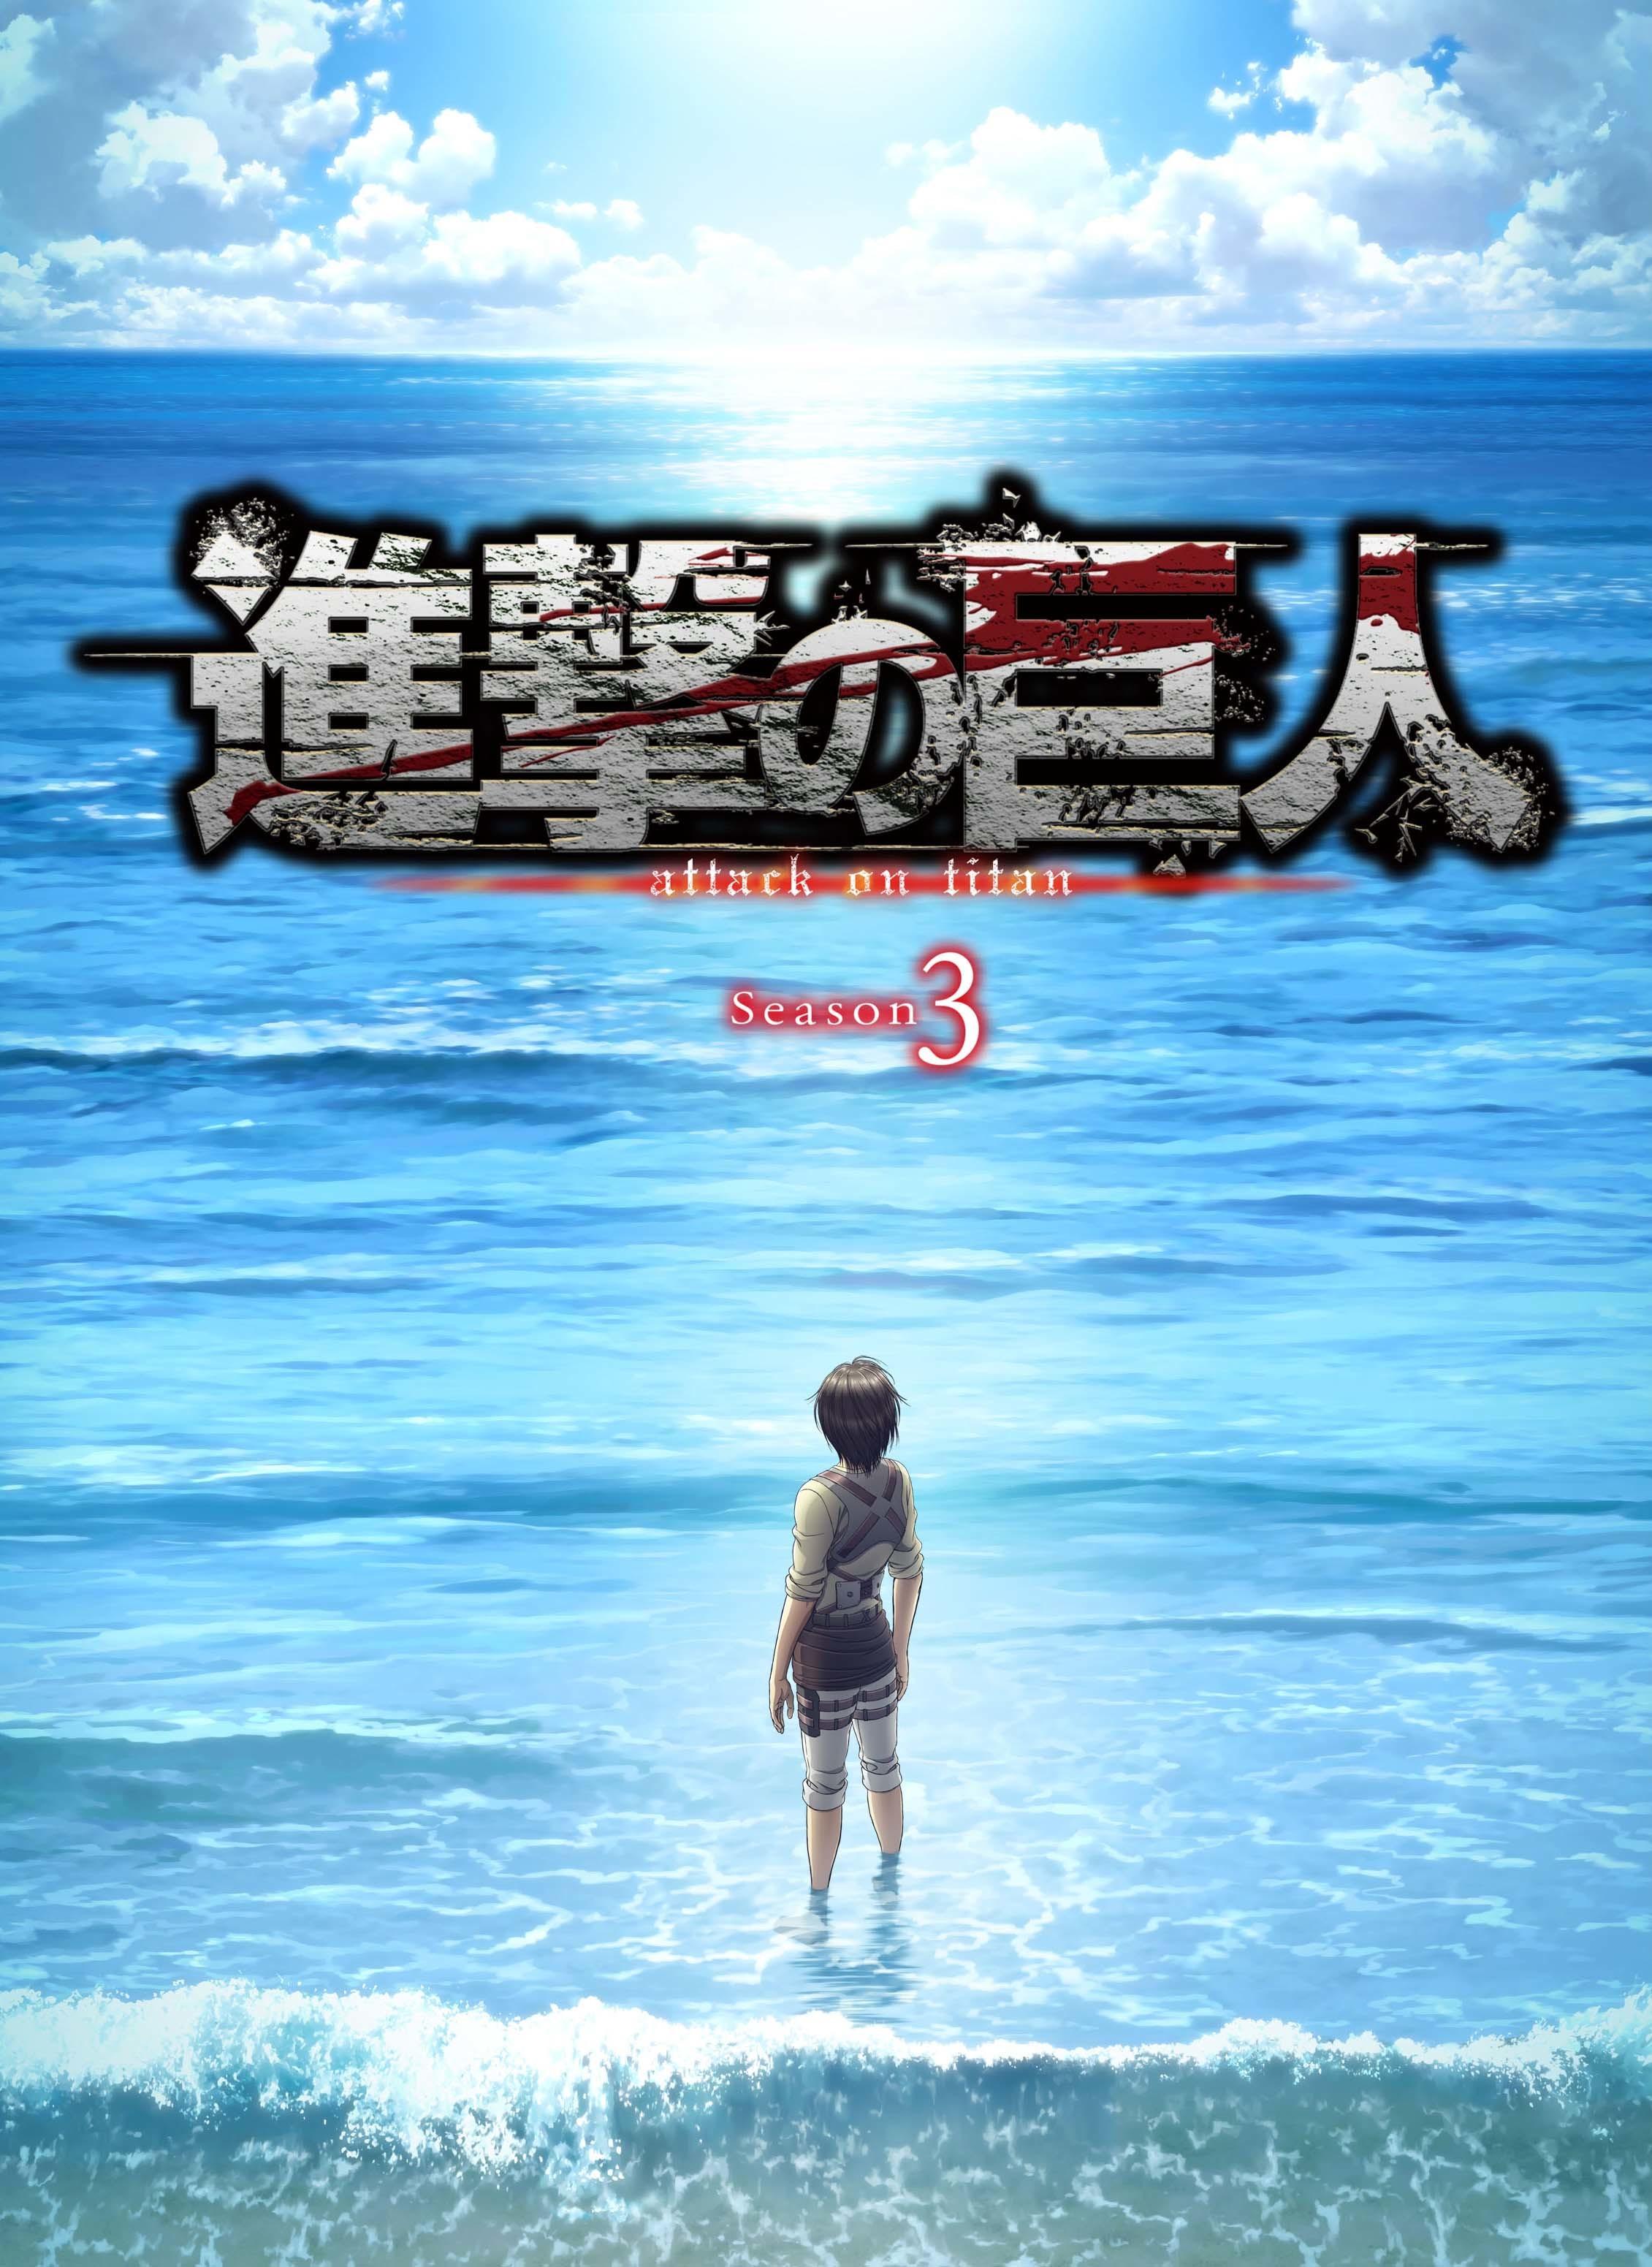 TVアニメ『進撃の巨人』Season 3 Part.2 新ビジュアル (C)諫山創・講談社/「進撃の巨人」製作委員会